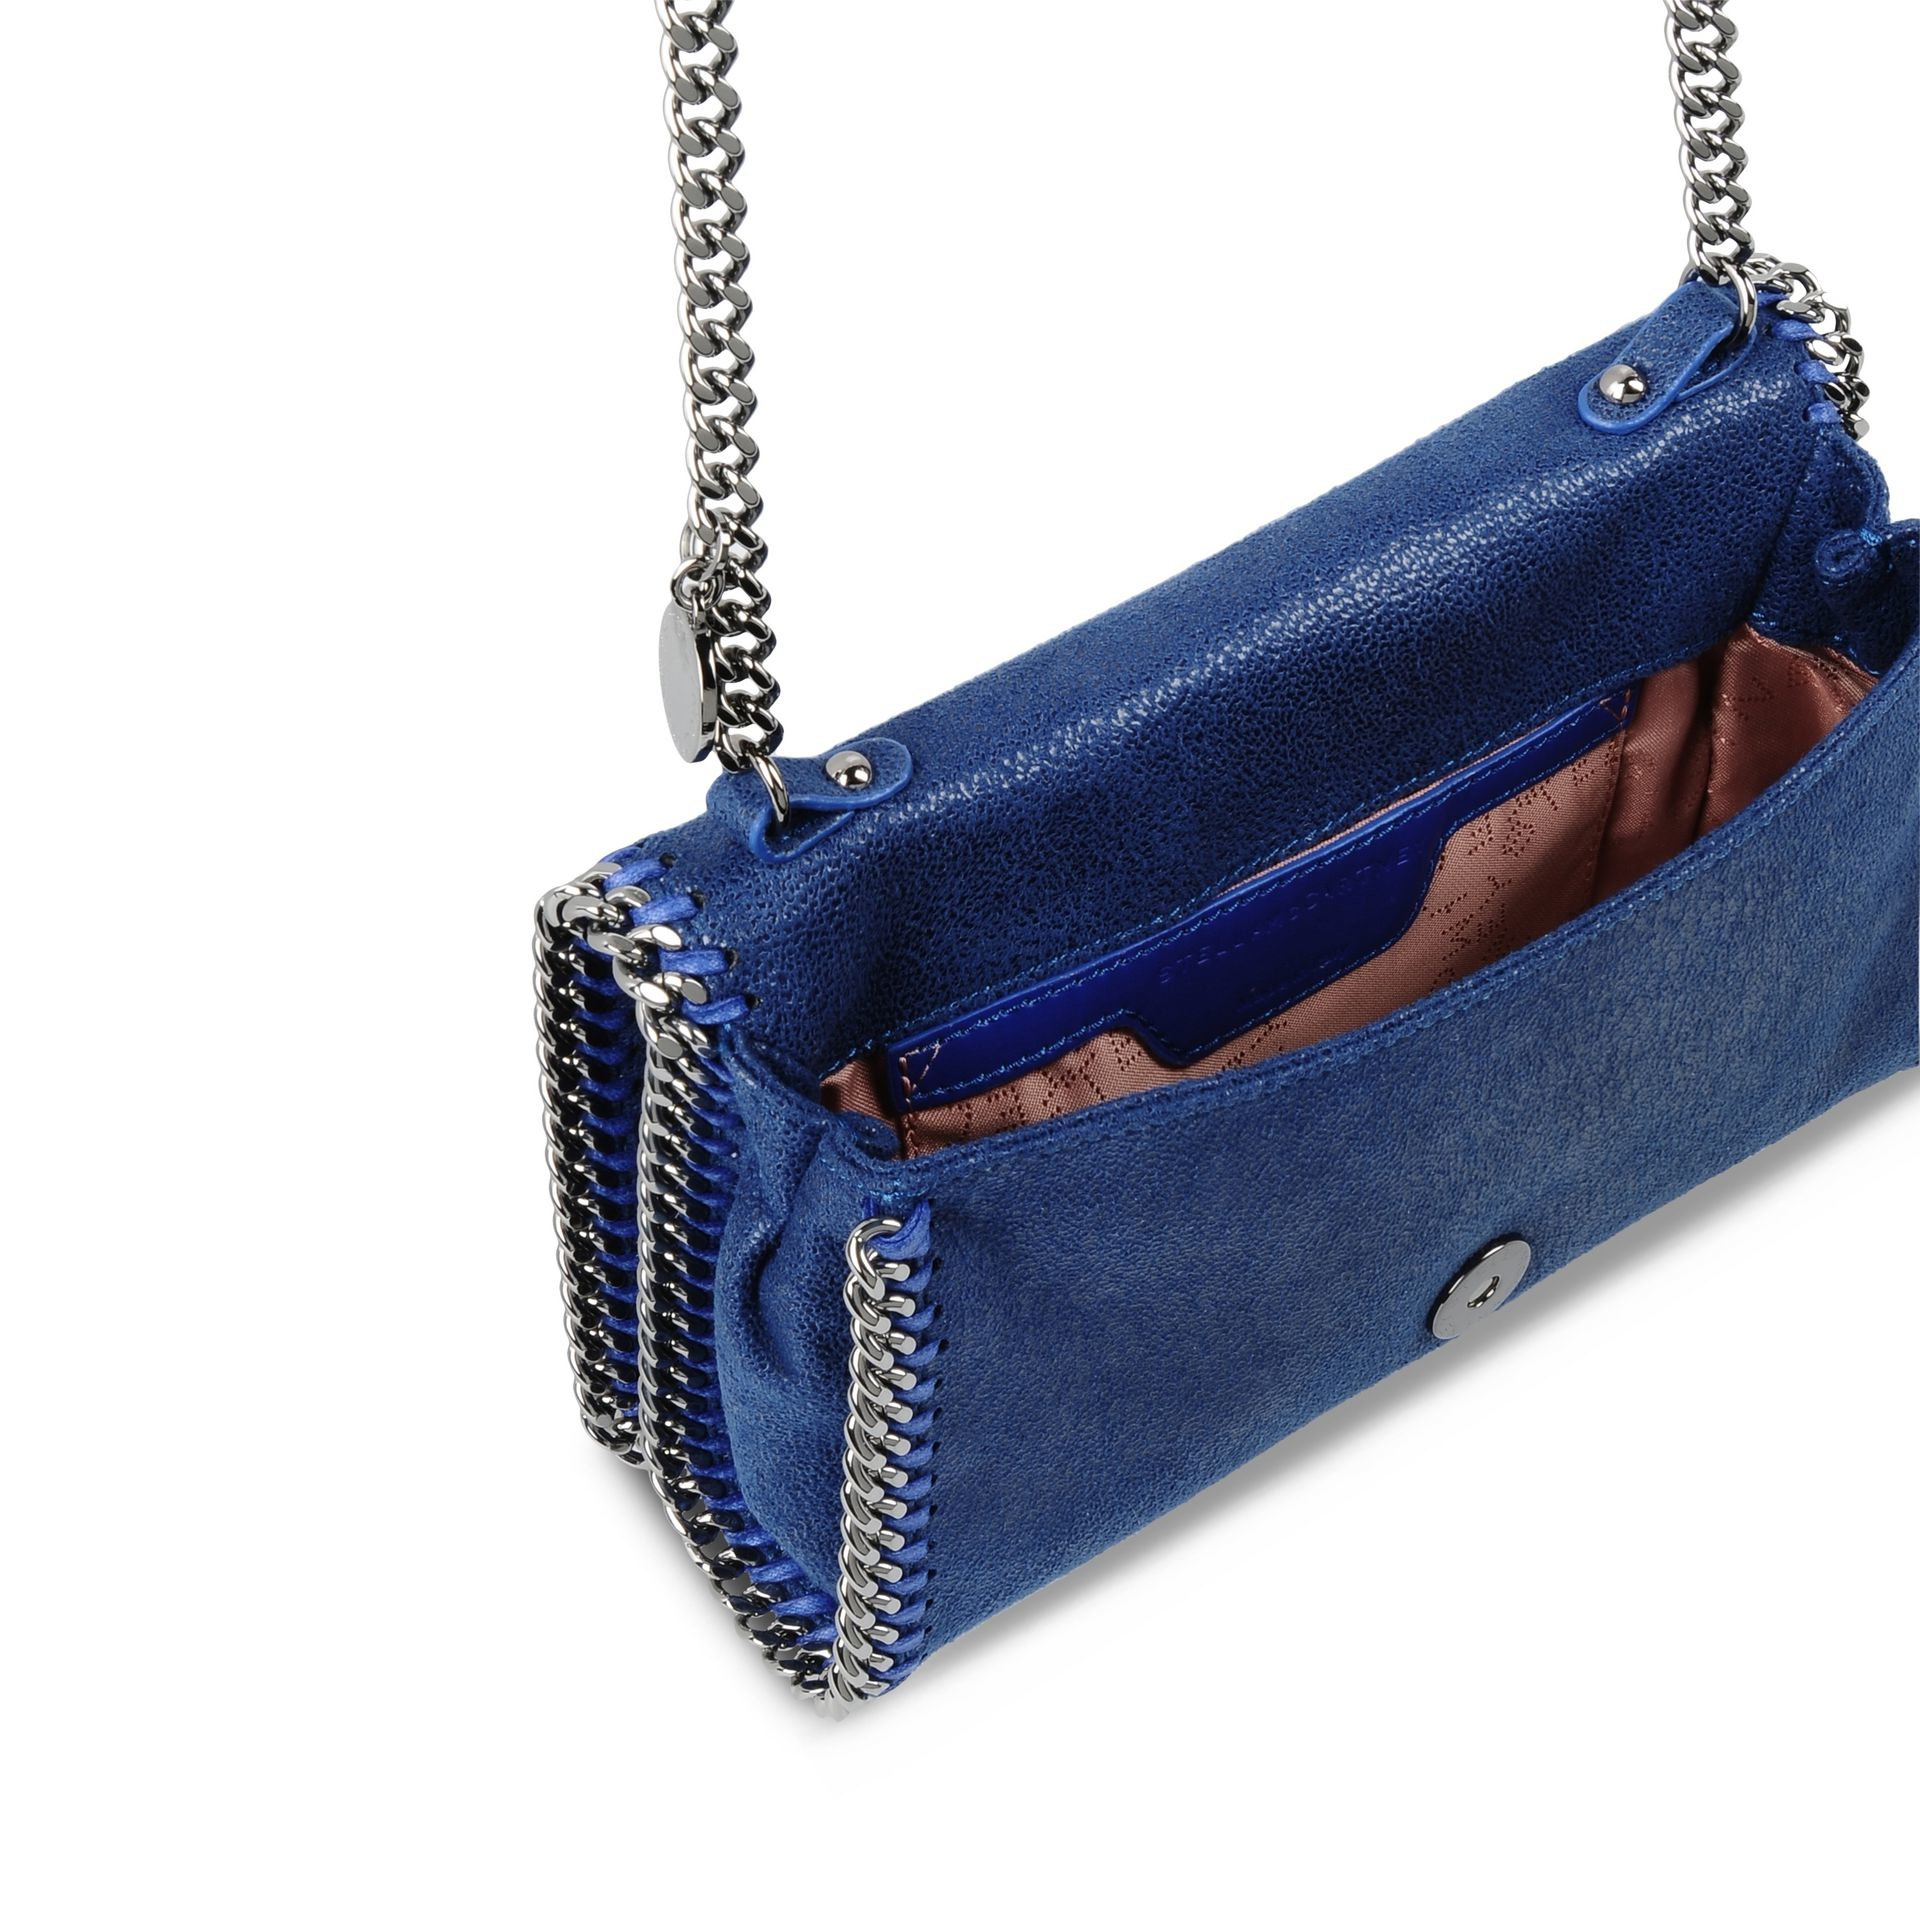 62a946793f3e Lyst - Stella McCartney Falabella Shaggy Deer Cross-Body Bag in Blue